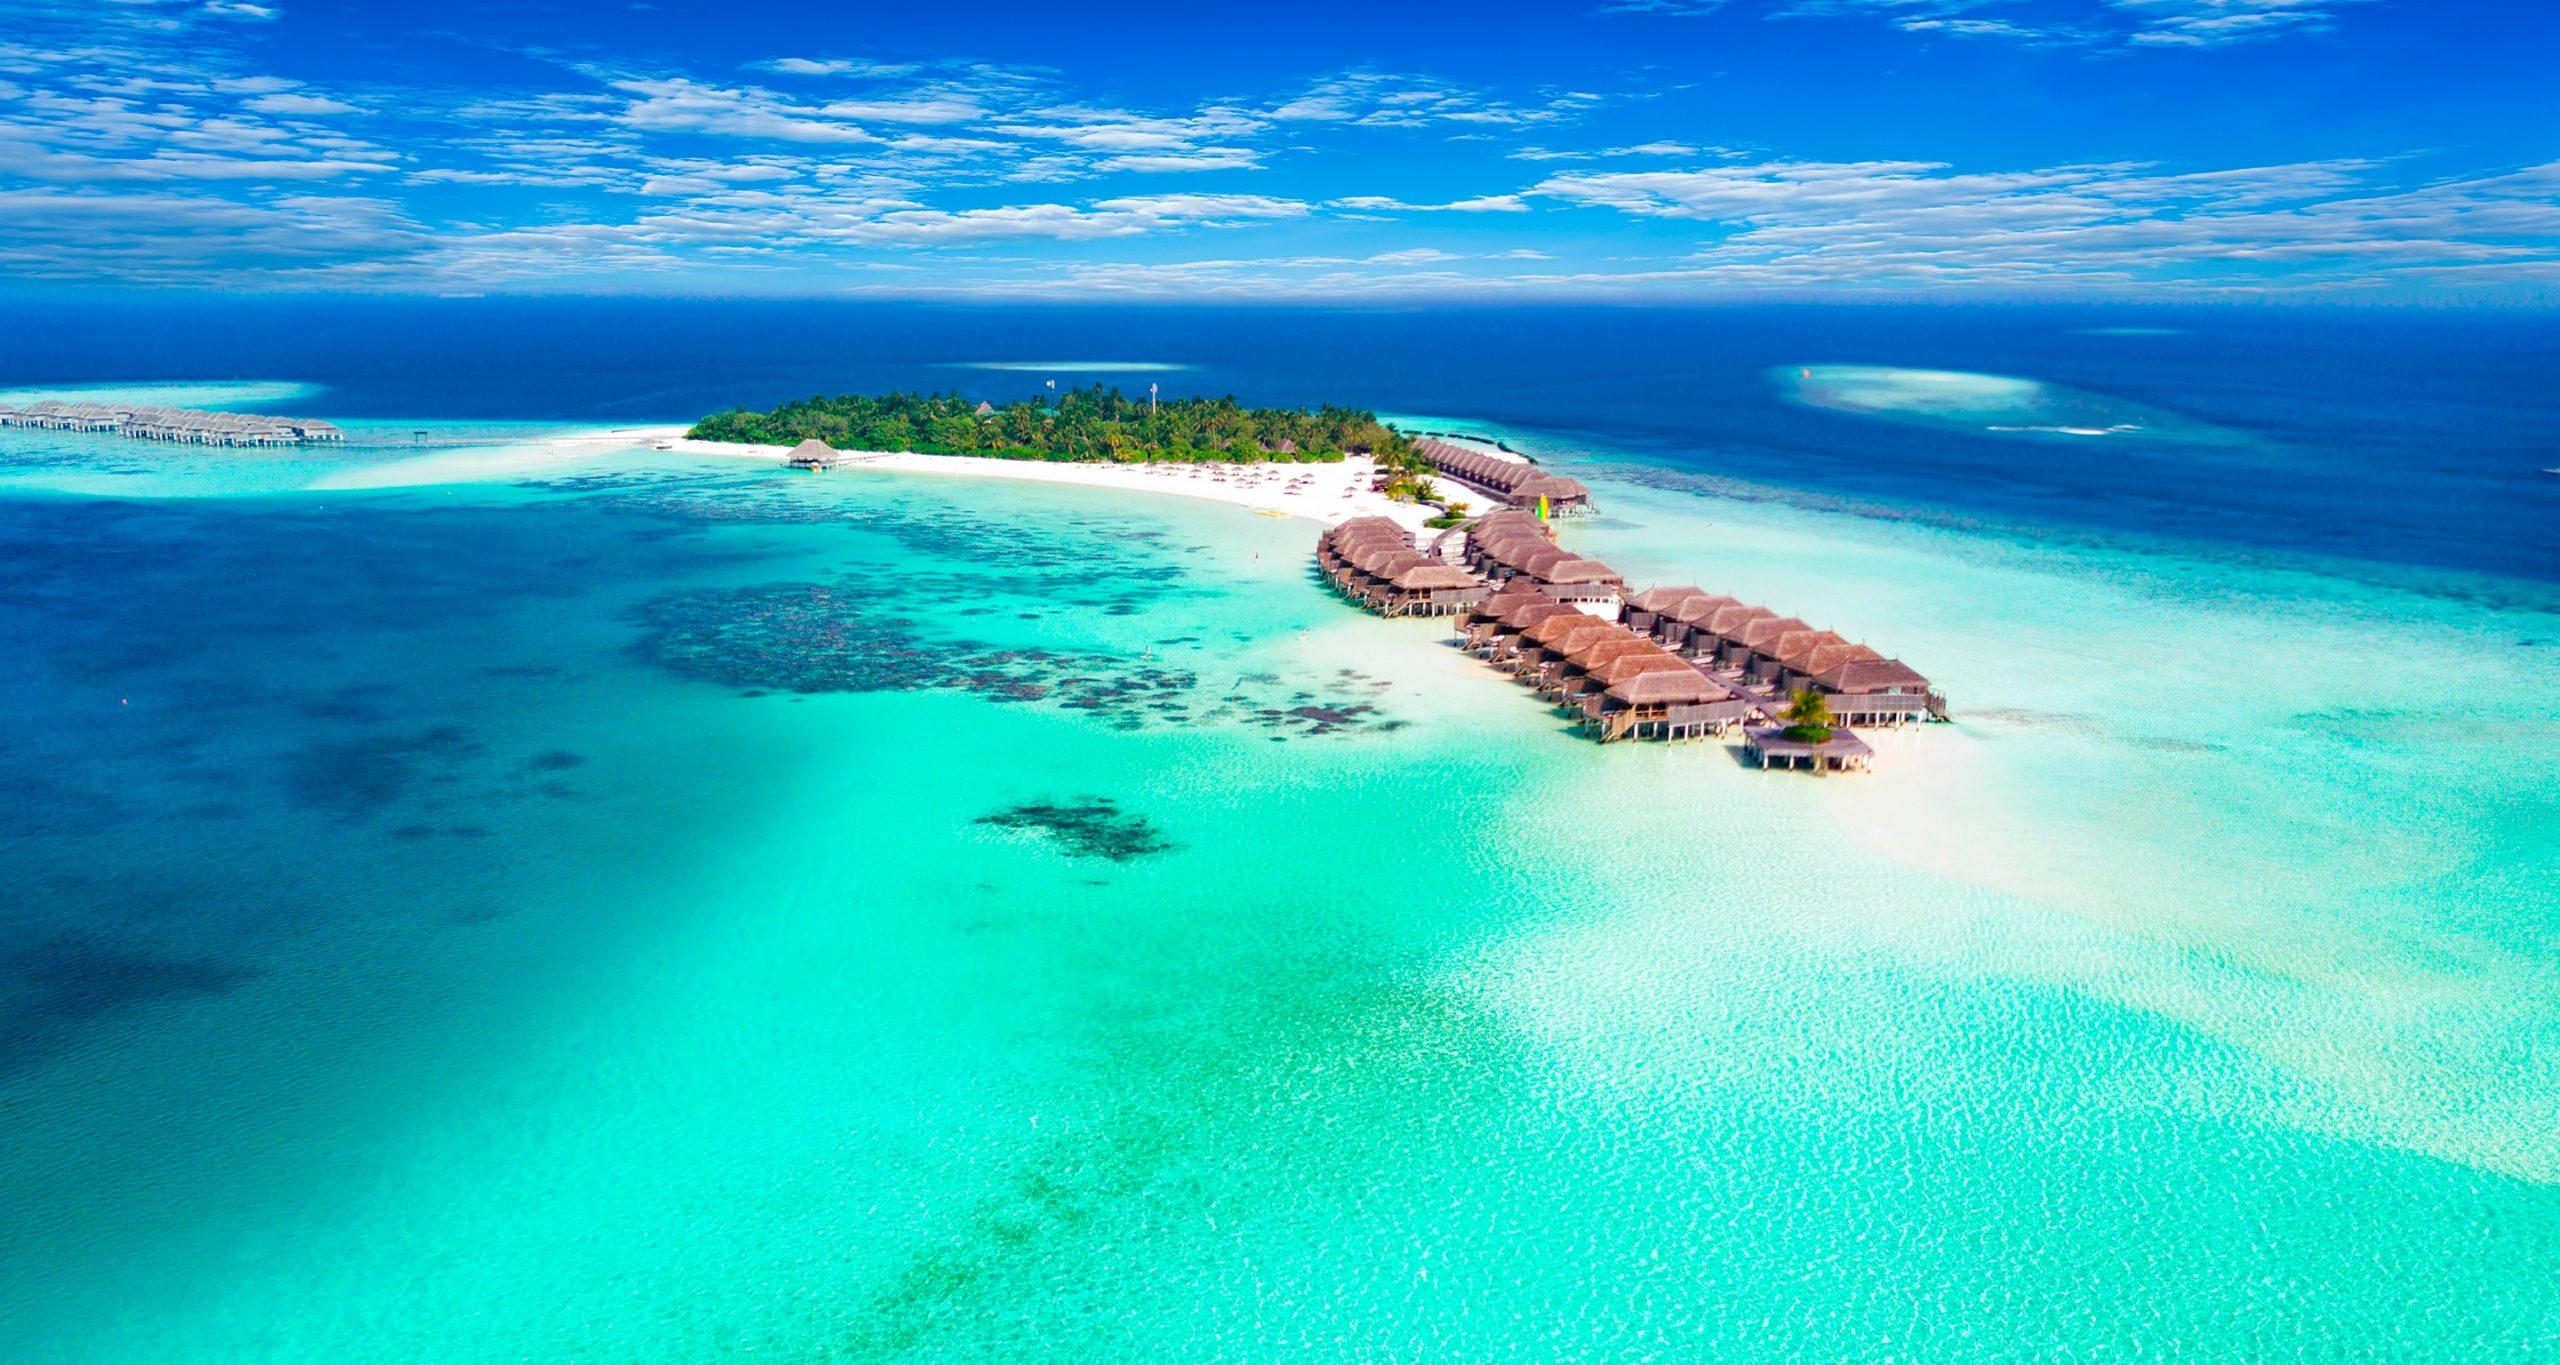 صور جزر المالديف 23